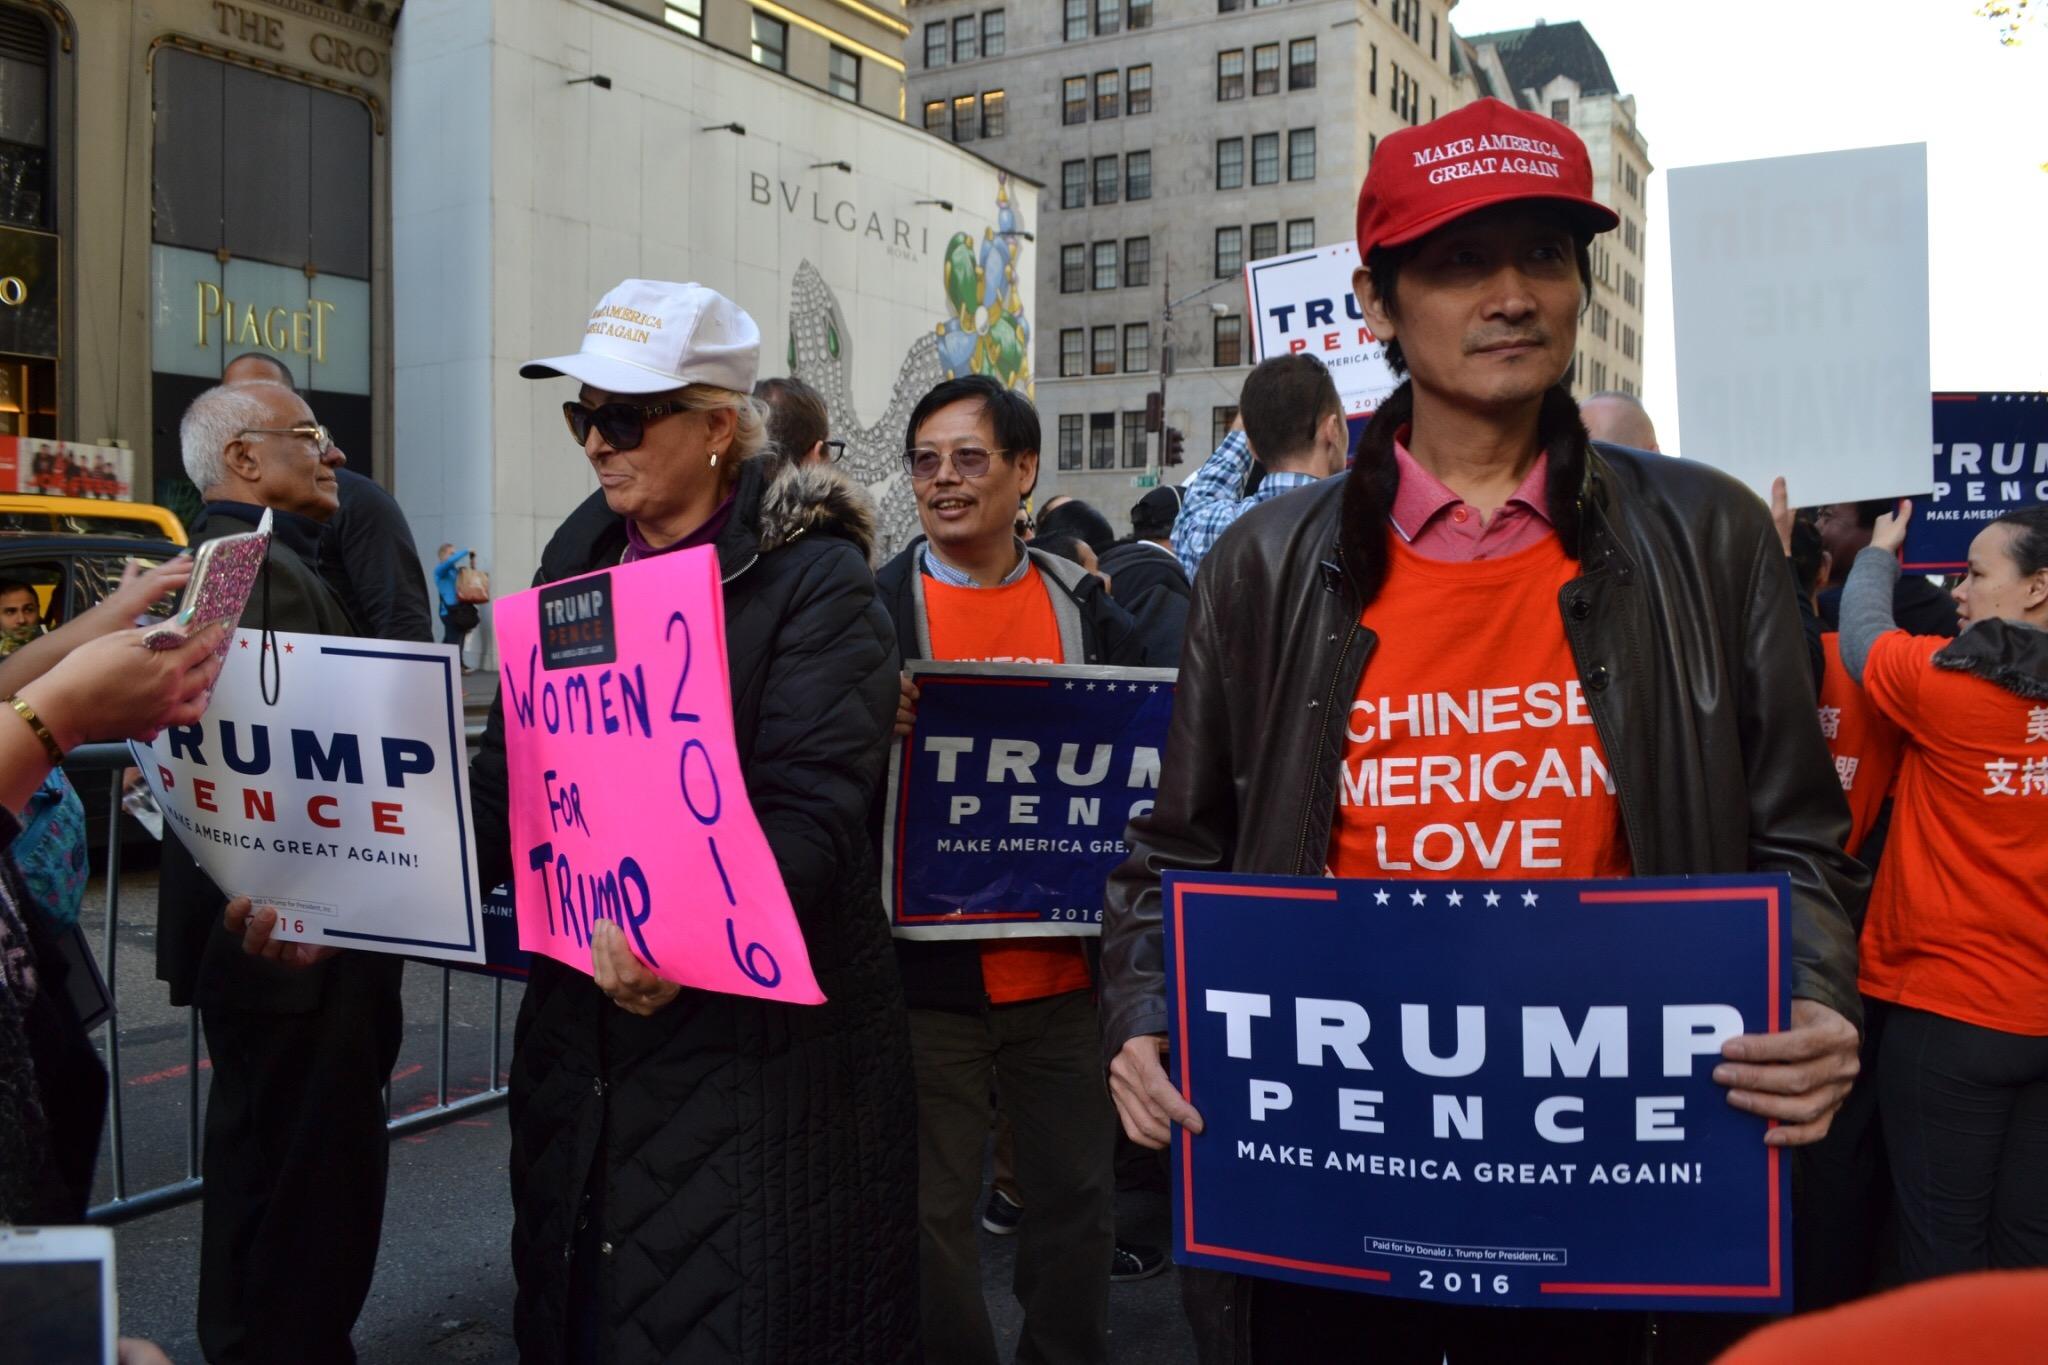 (手前の男性のTシャツには「中国系アメリカ人はトランプを支持する」と書いてあります)